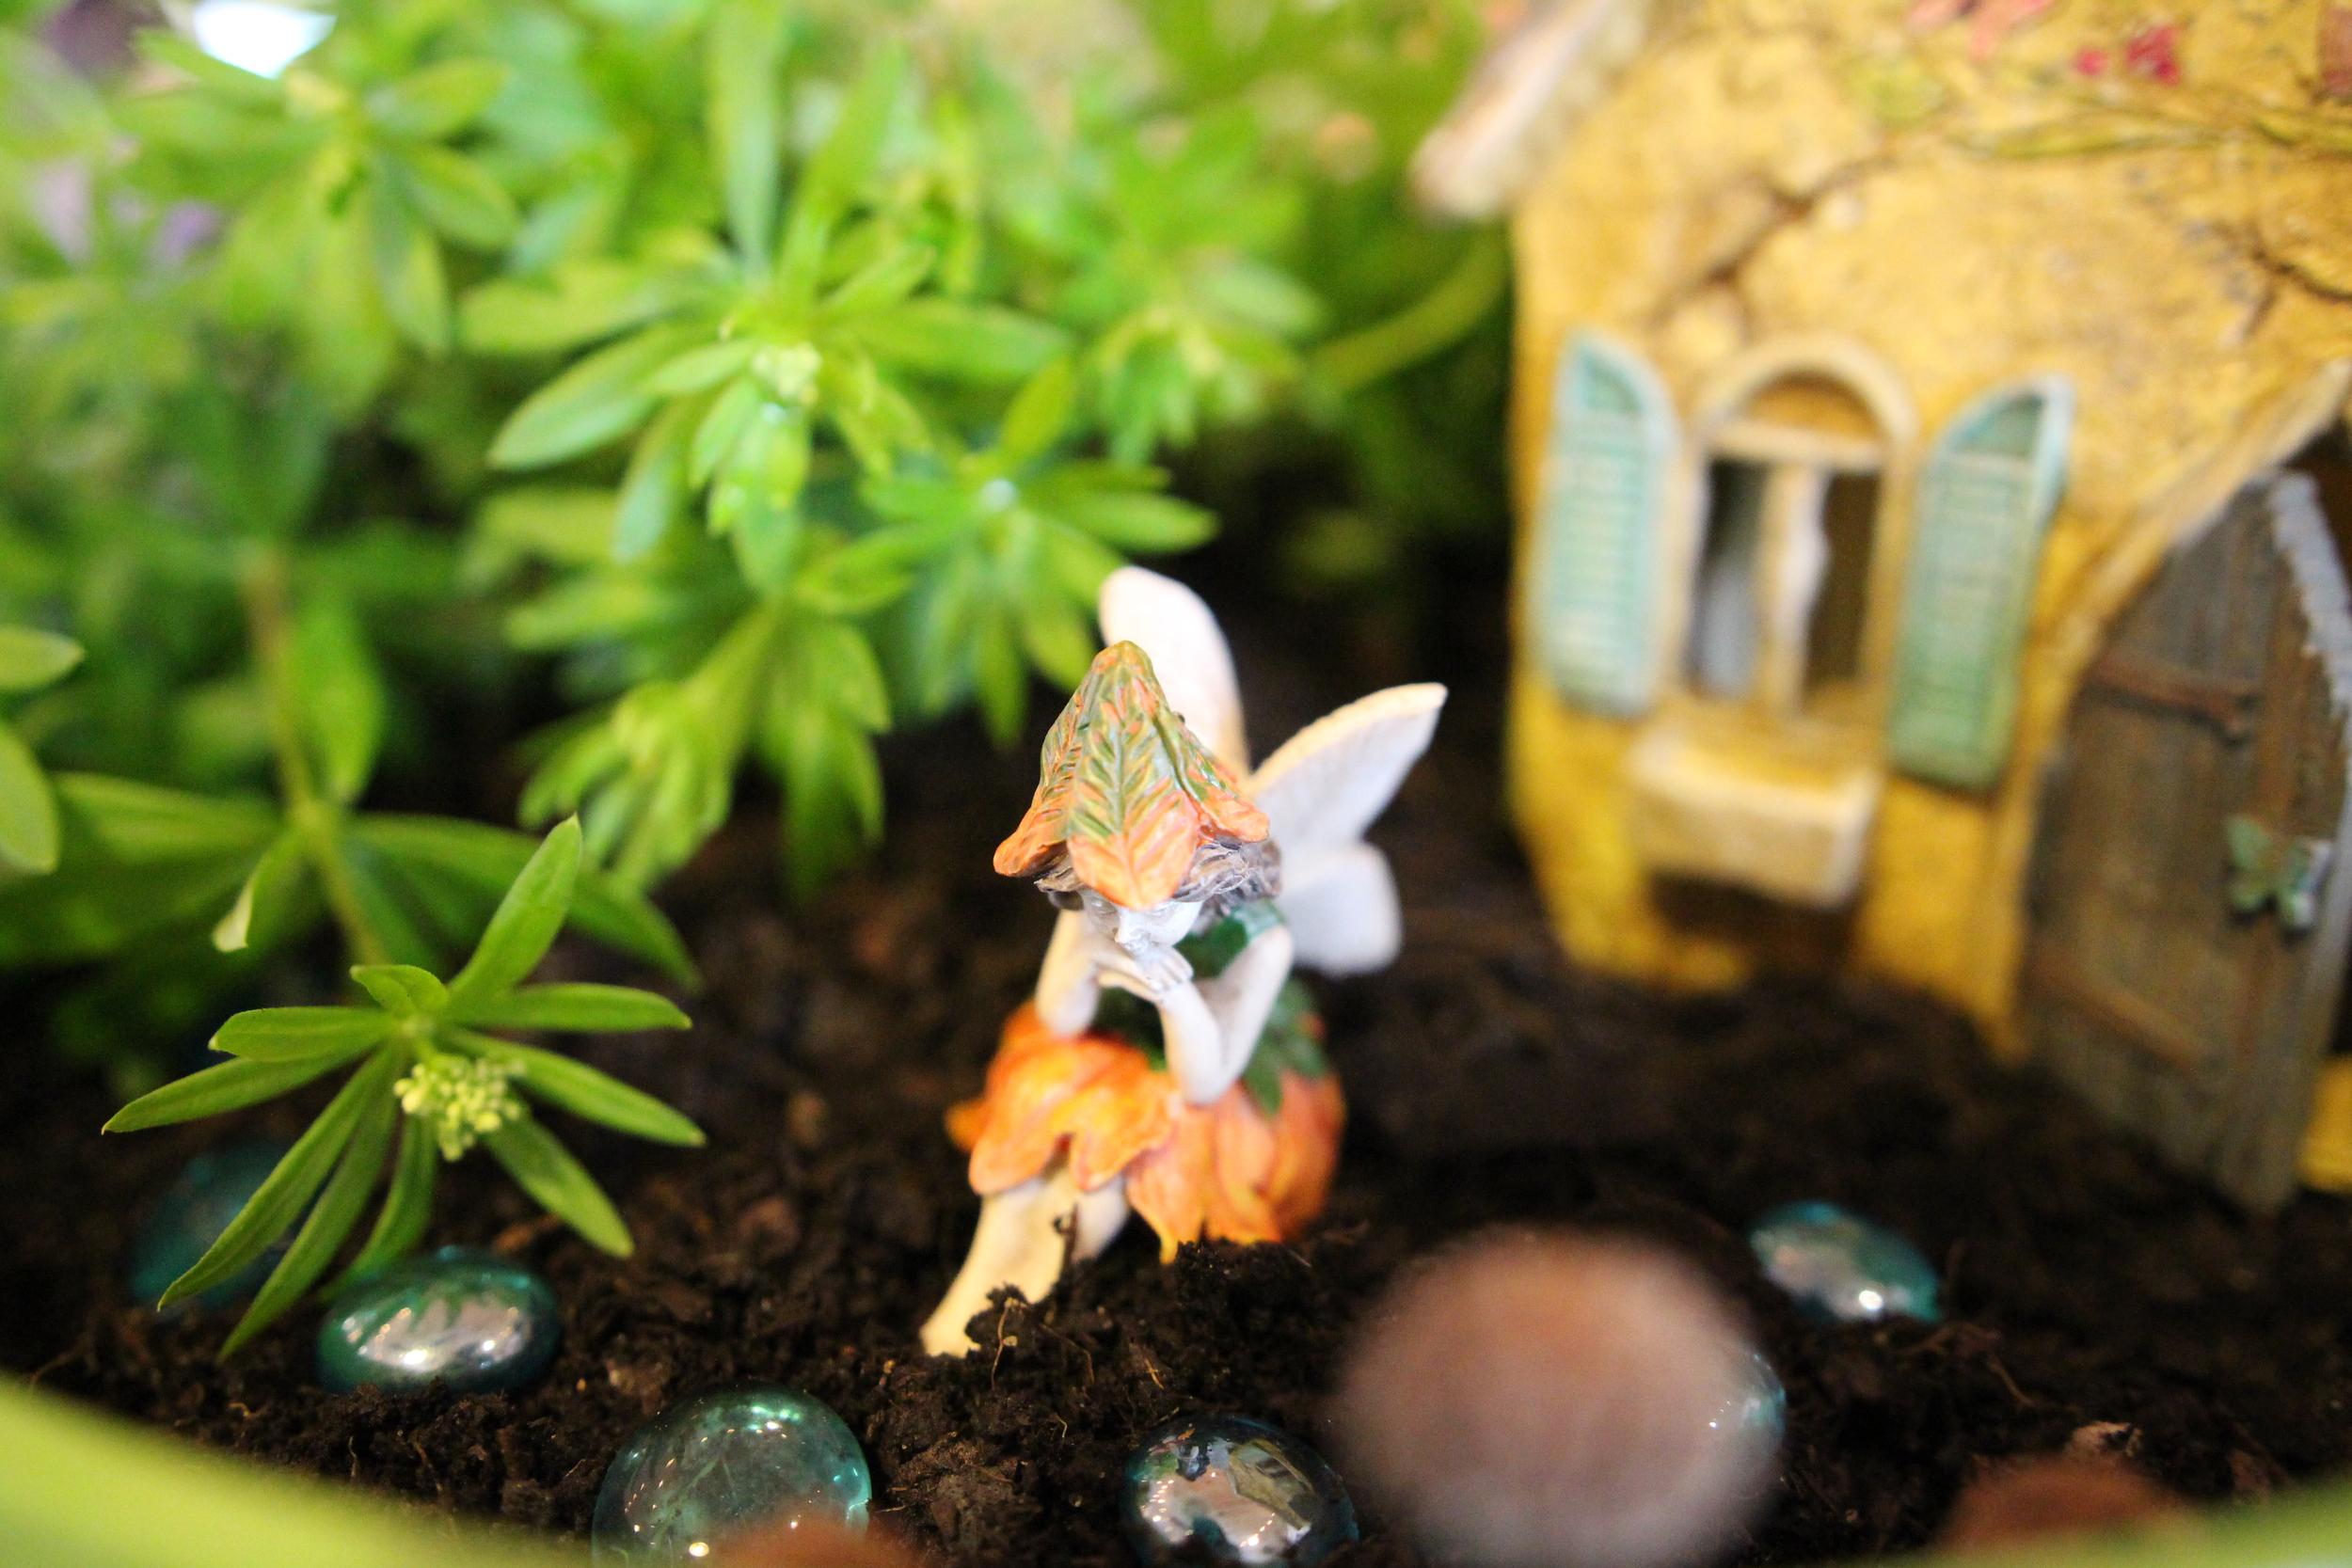 Fairy garden private classes